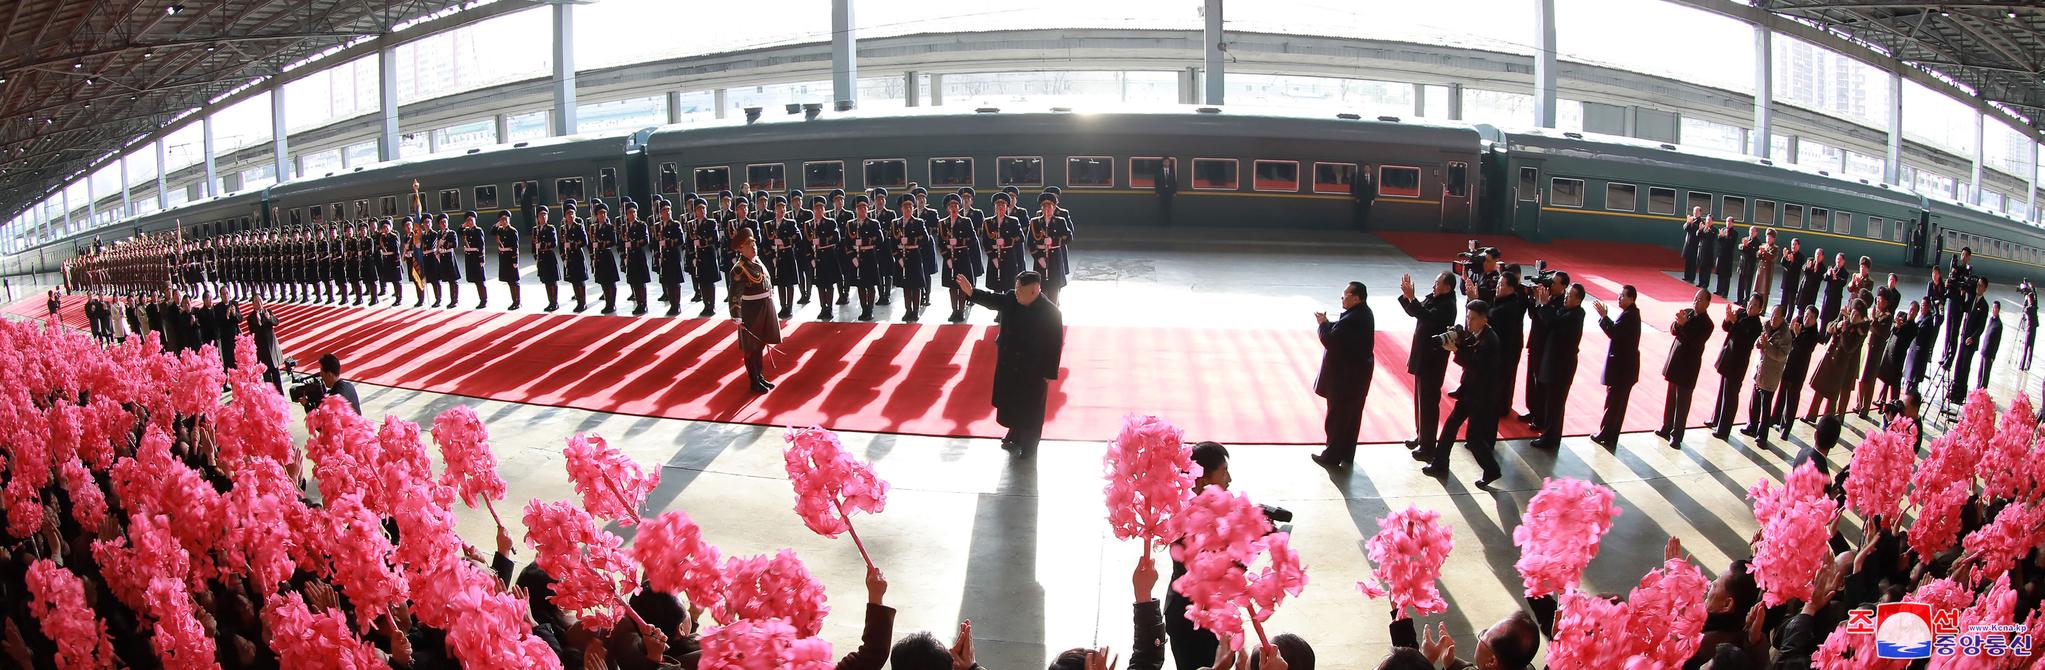 김정은 북한 국무위원장이 베트남 하노이에서 열릴 제2차 북미정상회담 참석을 위해 평양에서 출발했다고 노동신문이 24일 보도했다. [사진 노동신문]